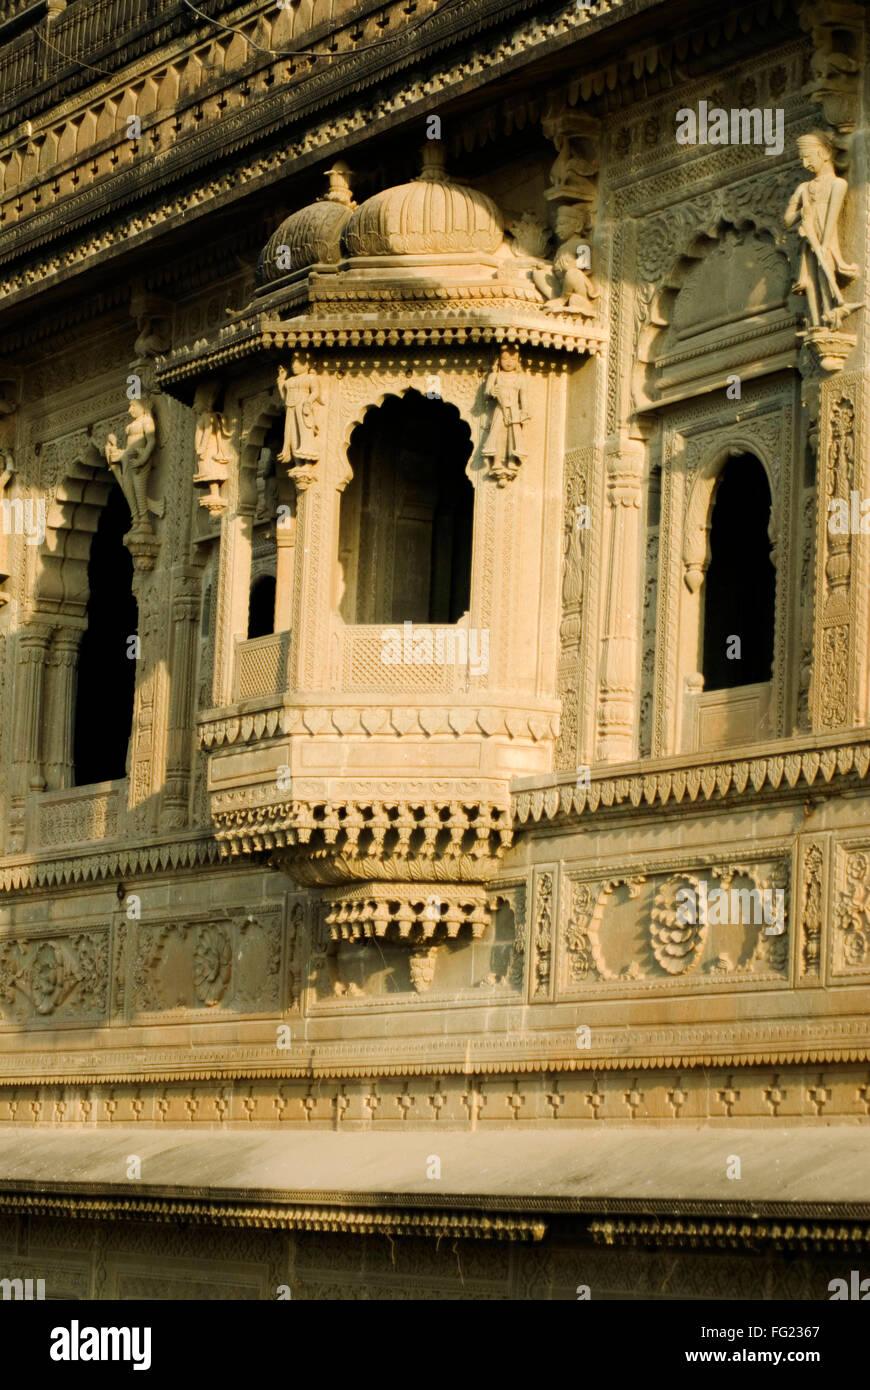 Intagliato balconi a sbalzo al tempio Maheshwar , Maheshwar , Madhya Pradesh , India Foto Stock